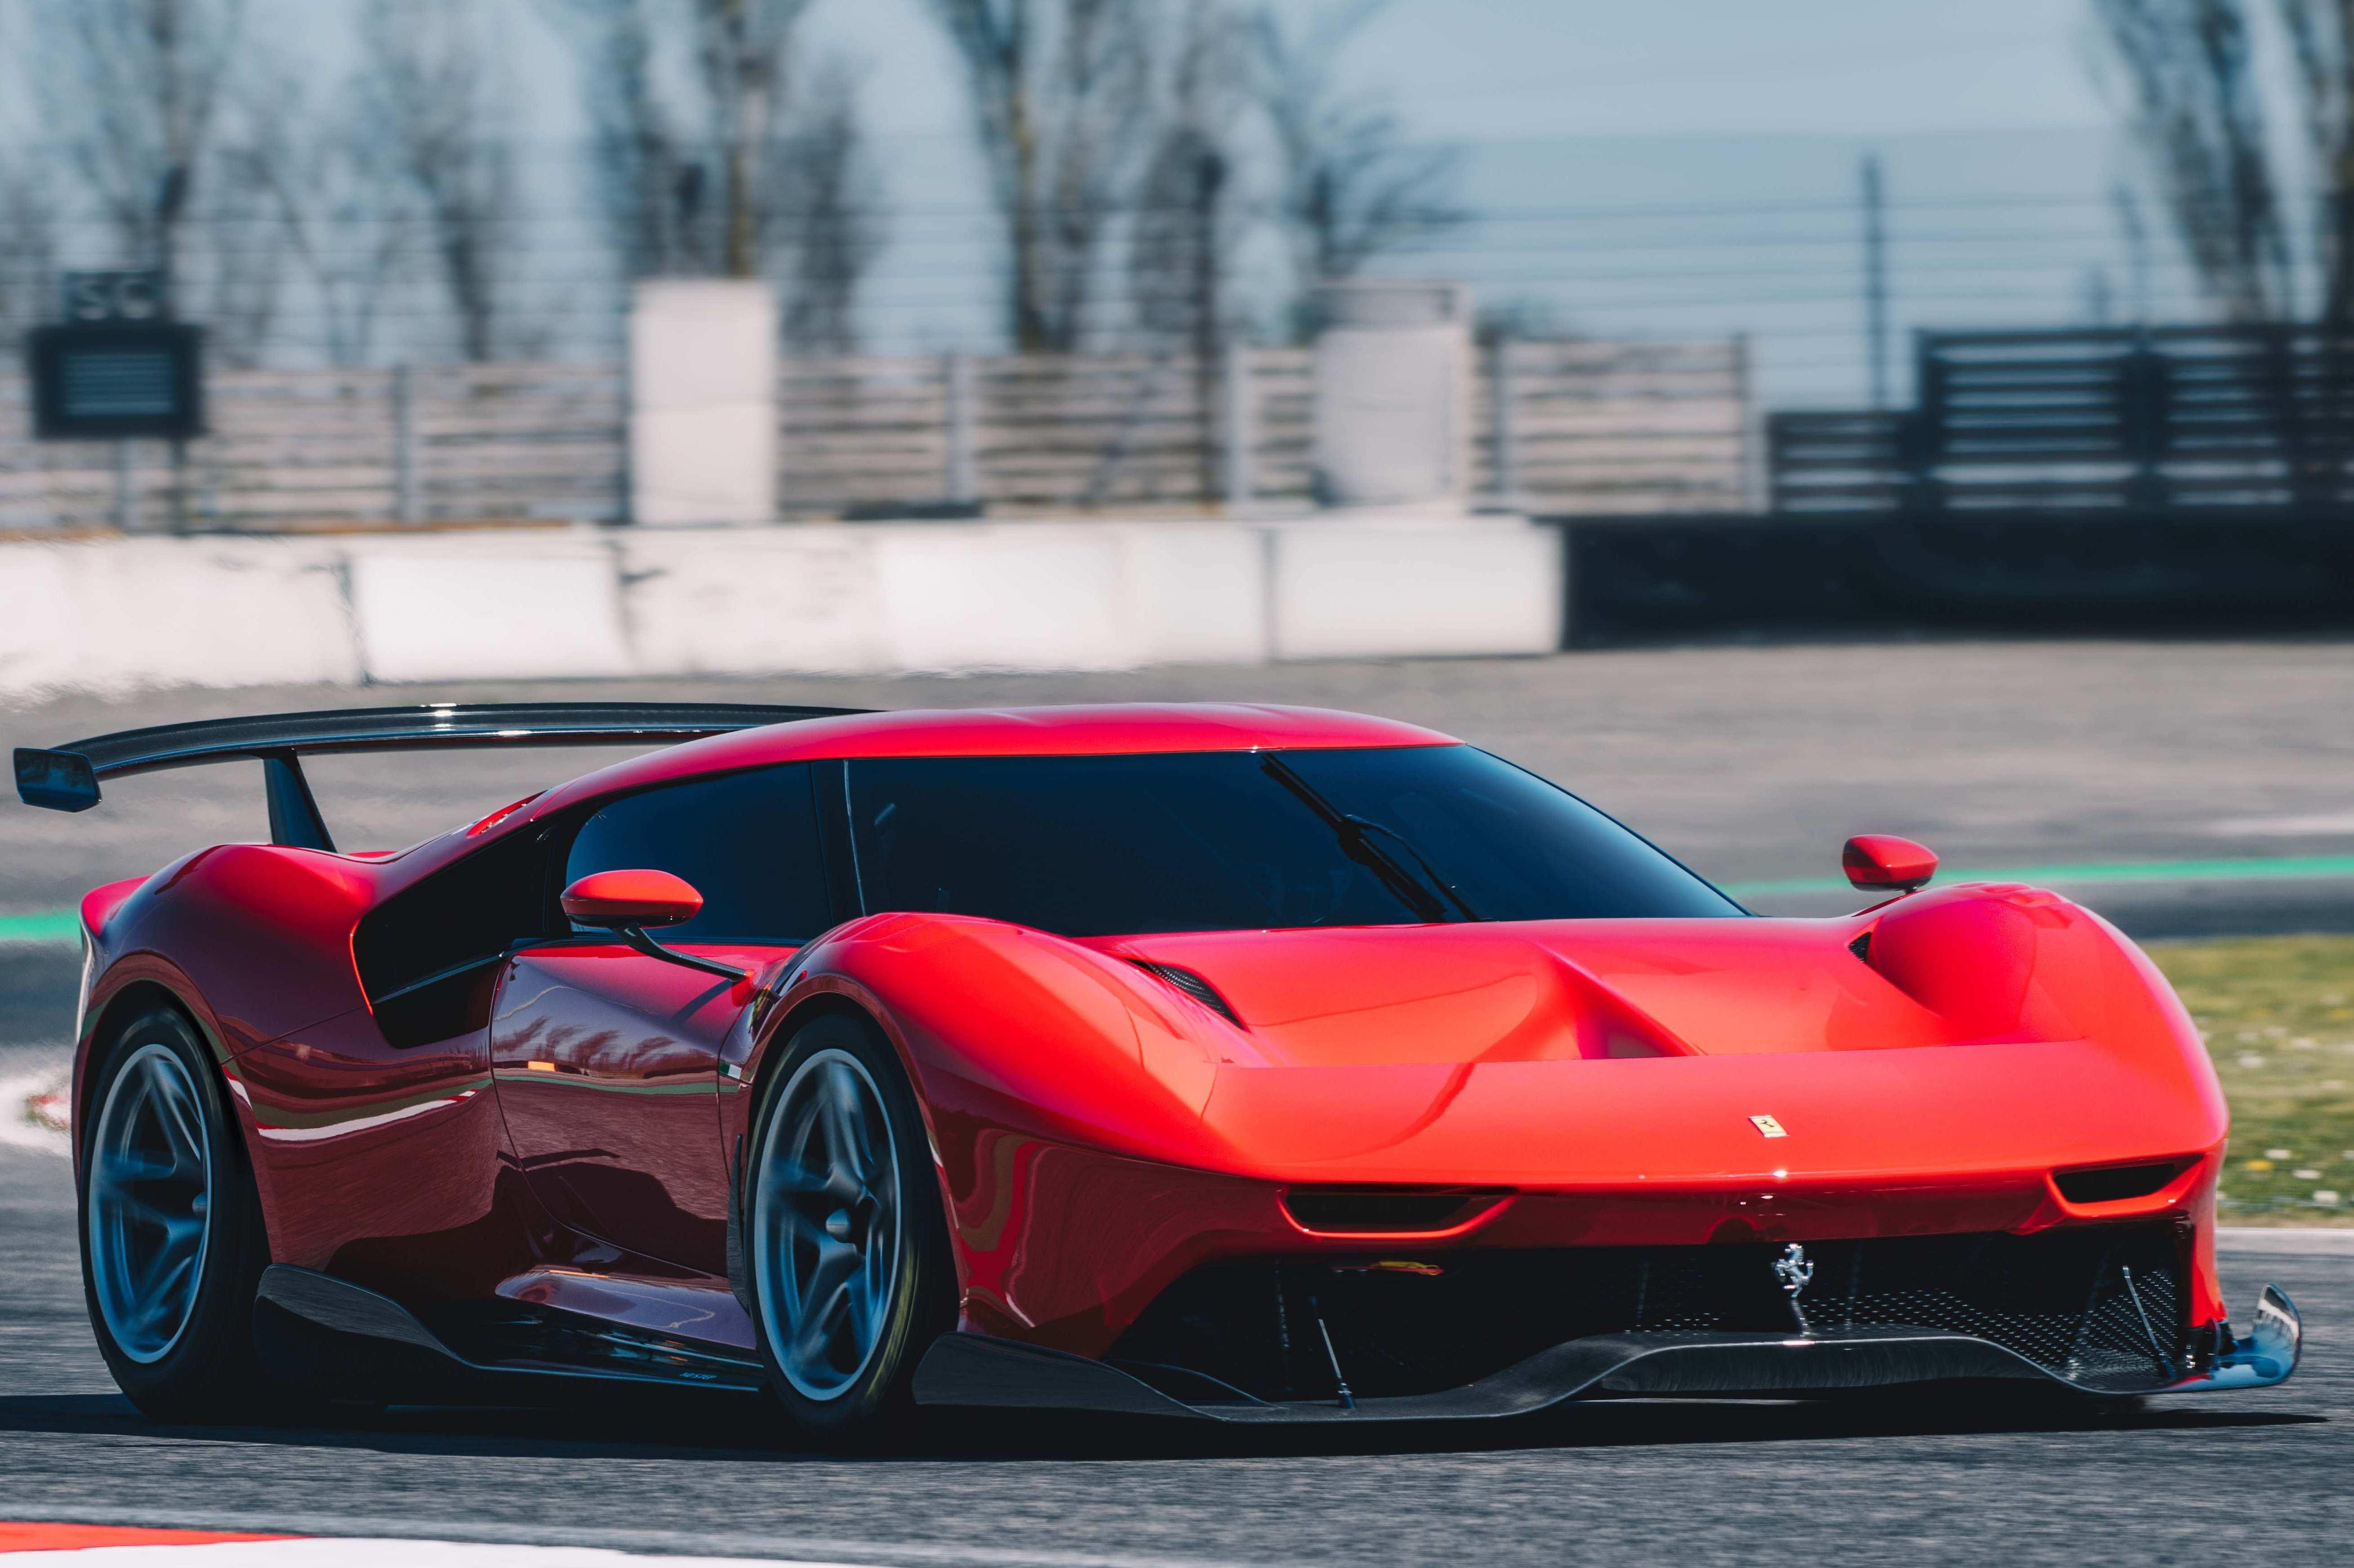 54 Gallery of Ferrari C 2020 Performance for Ferrari C 2020